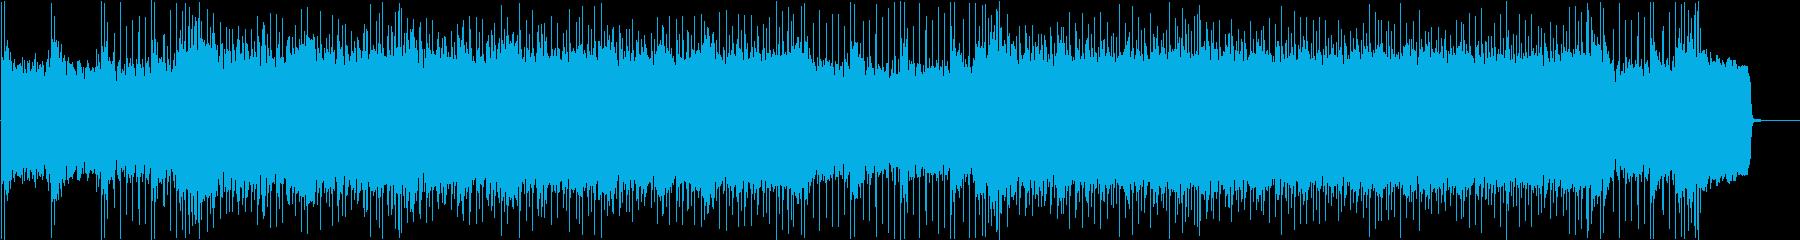 激しいバトルをイメージしたメタルBGの再生済みの波形